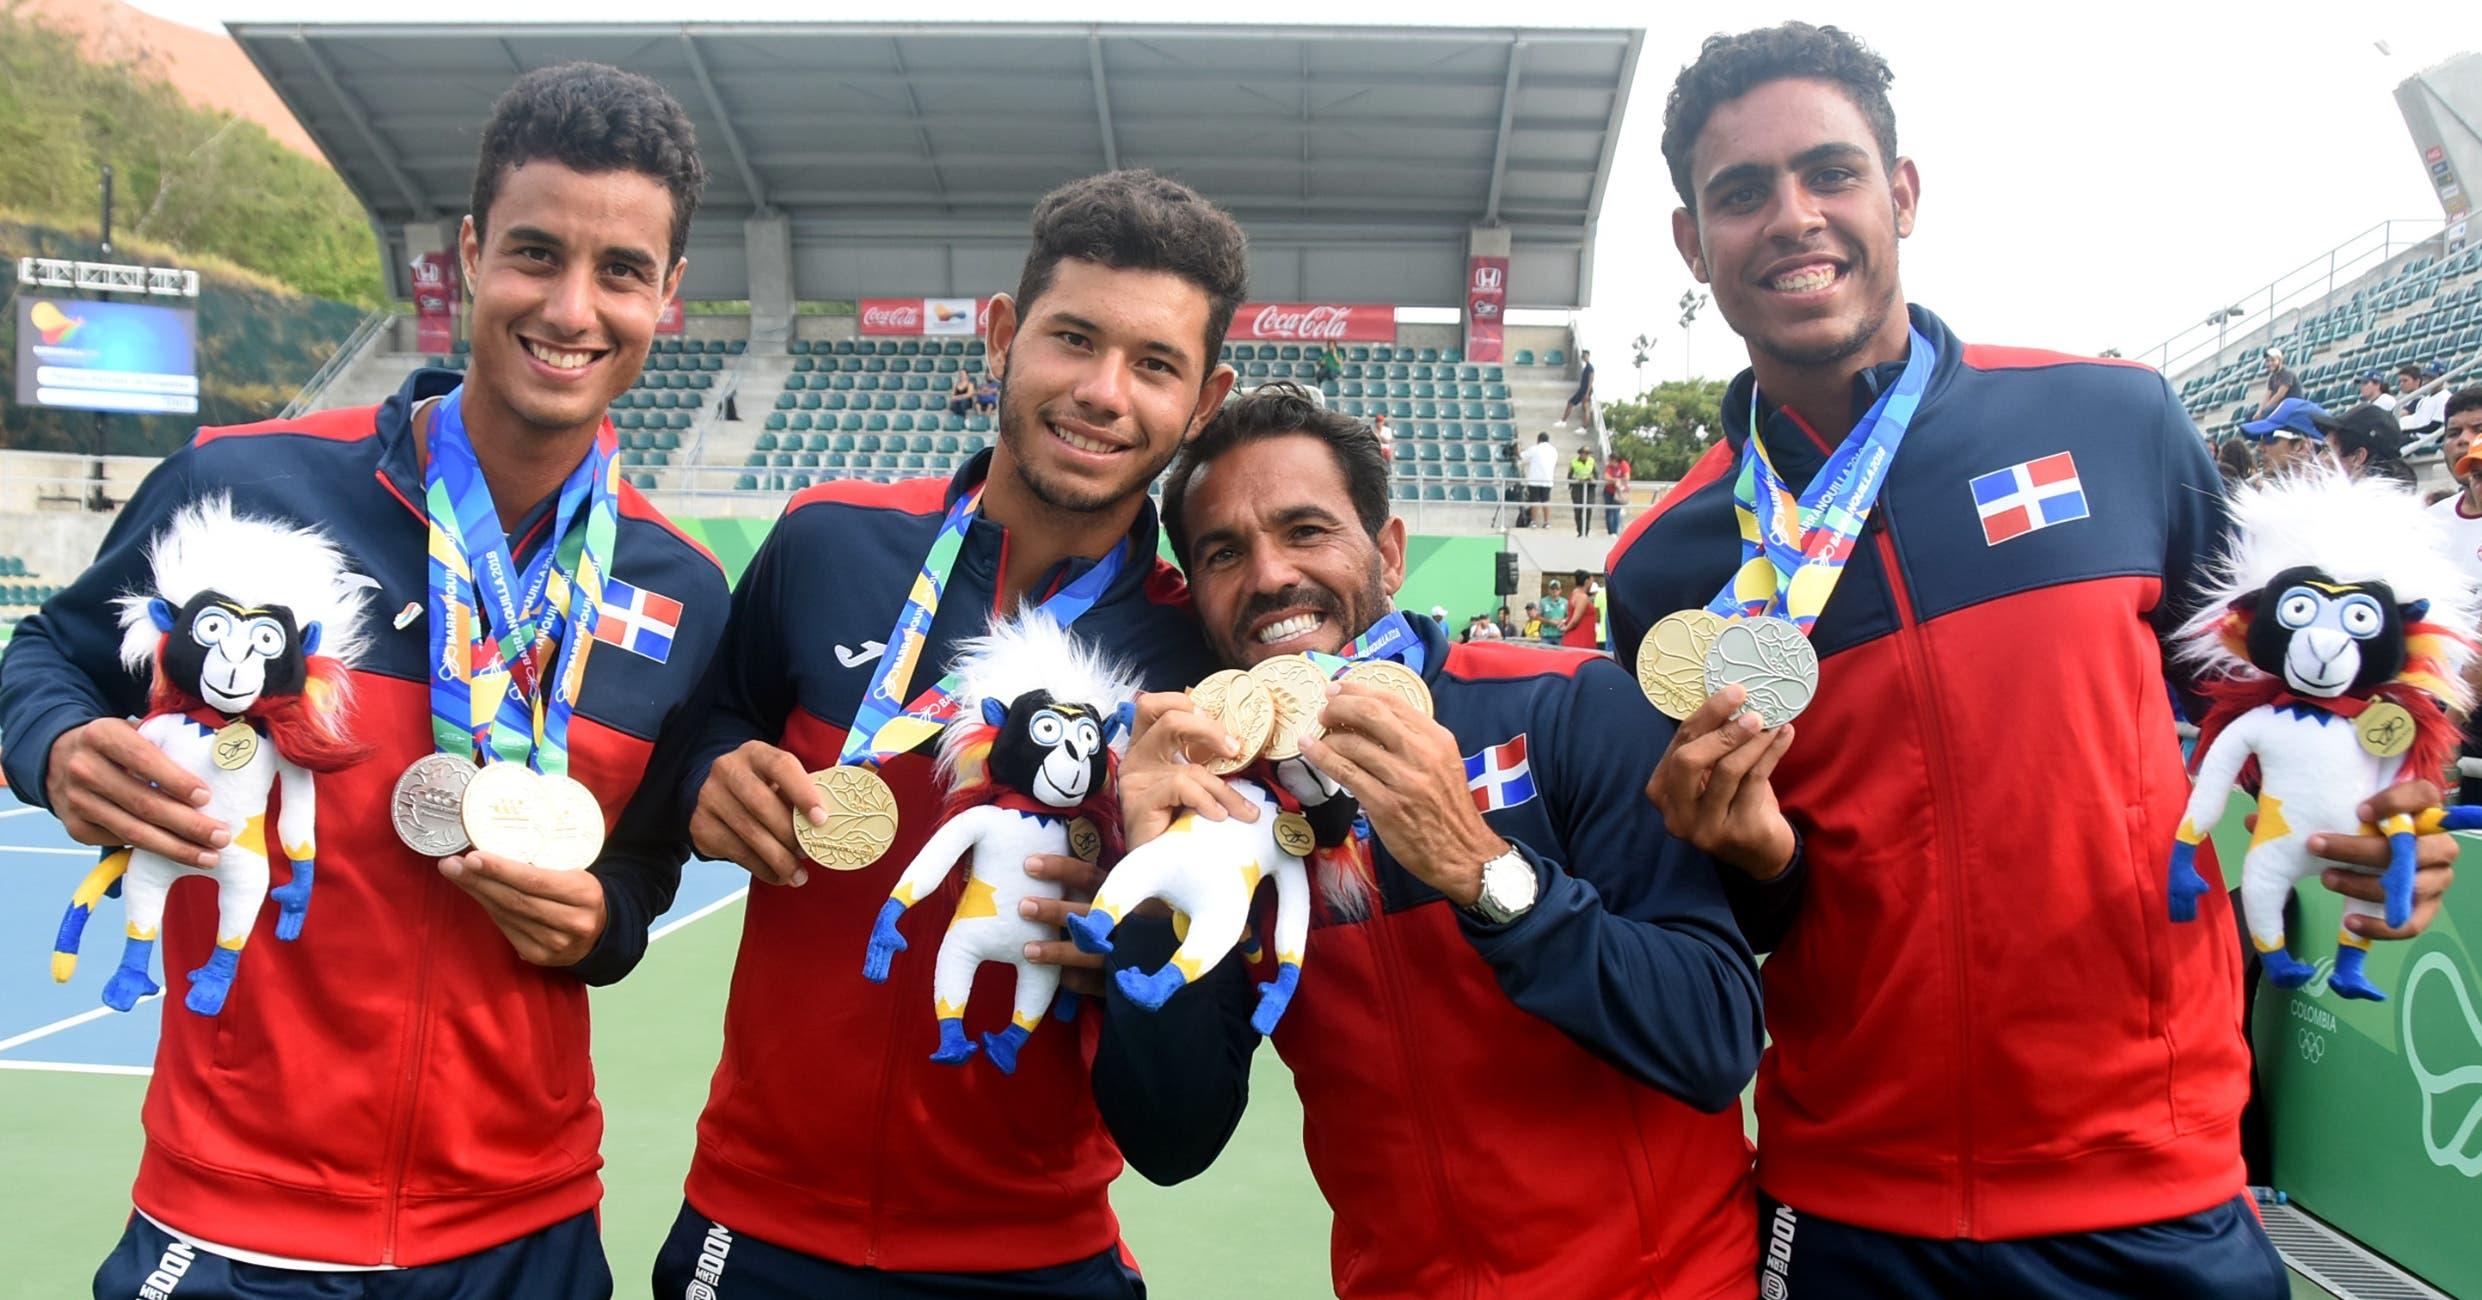 El equipo dominicano muestra las medallas obtenidas por el tenis en los Juegos Centroamericanos y del Caribe que concluyen hoy, con  una gran participación.  Alberto Calvo